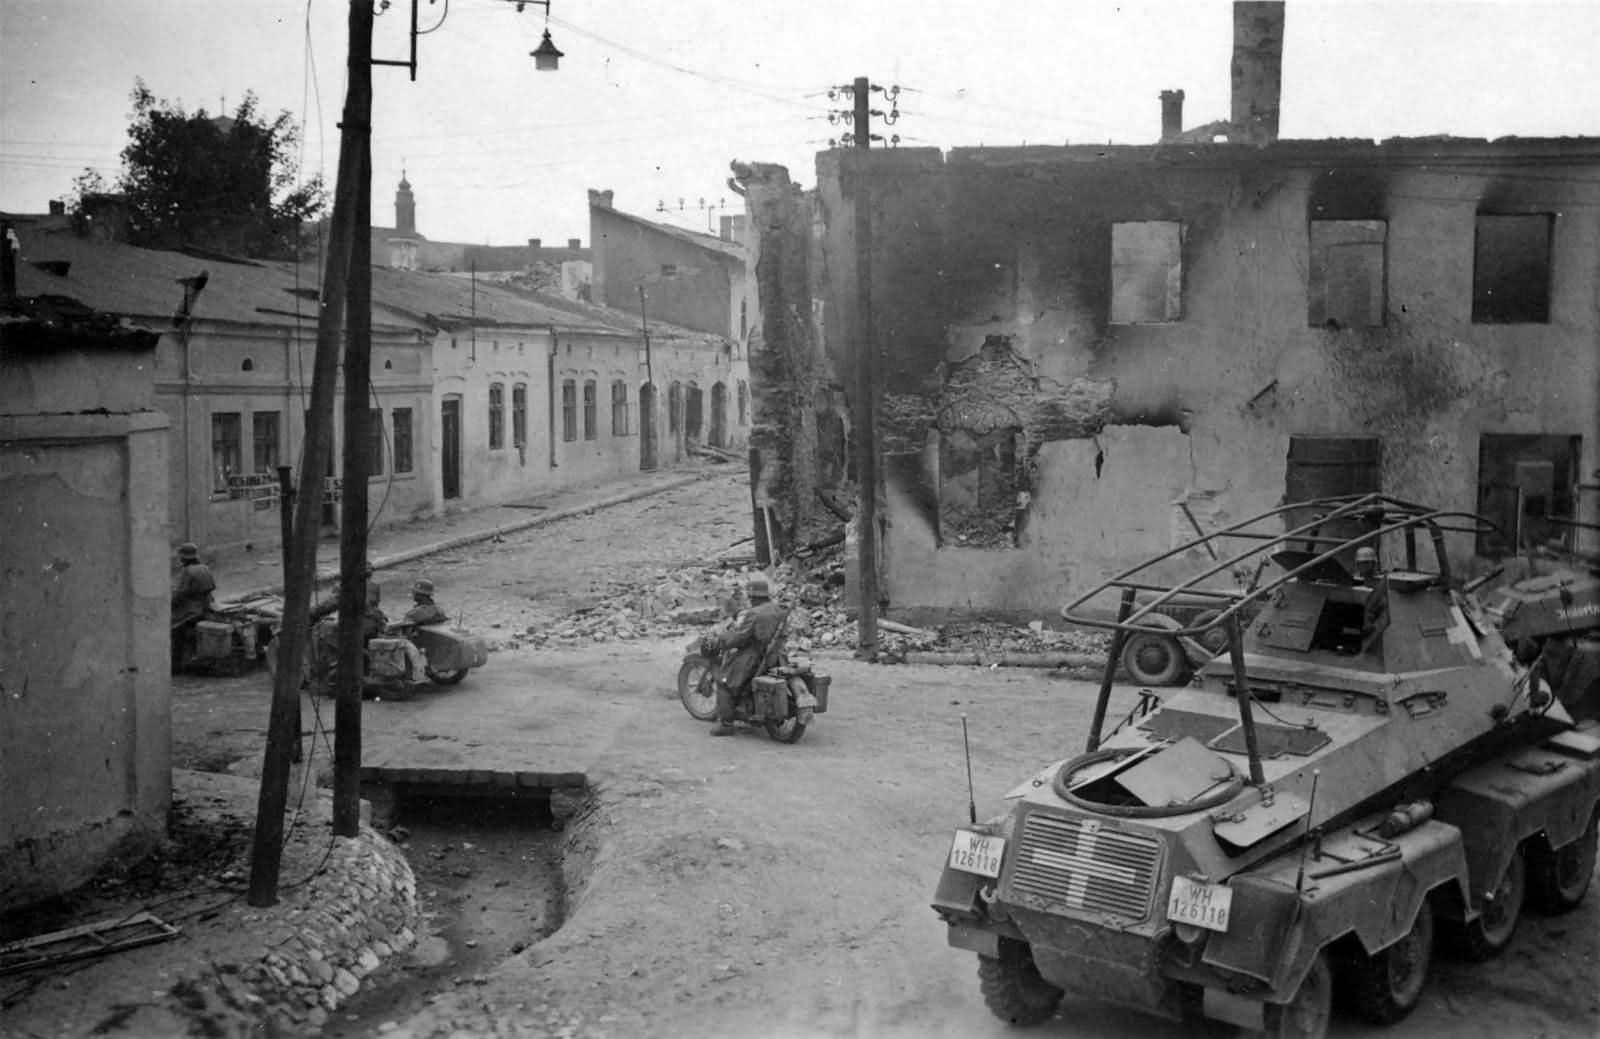 Sd.Kfz 232 Przemysl Poland 1939